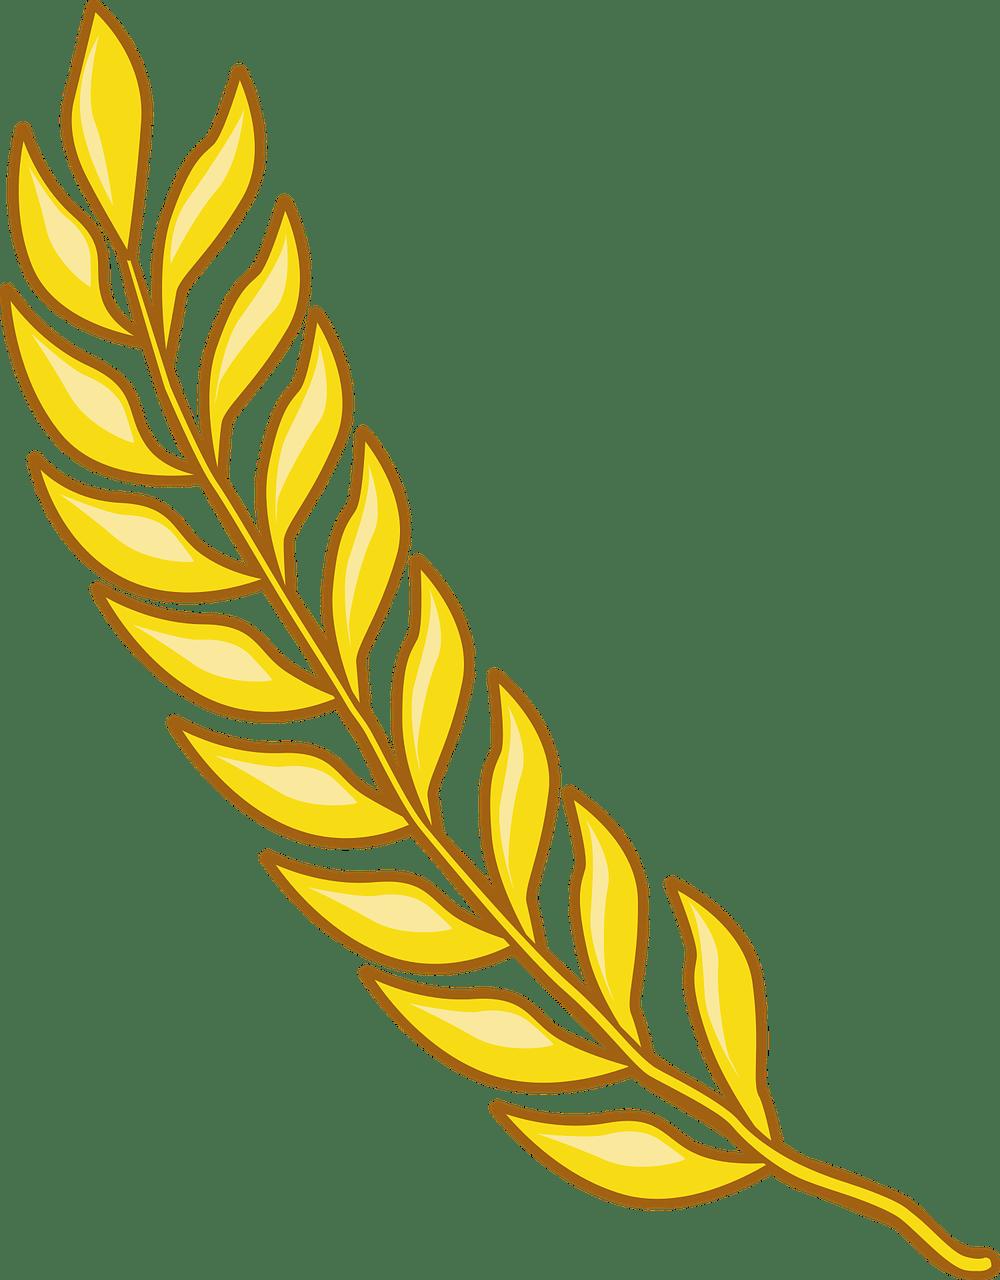 Gambar Padi Vector : gambar, vector, Branch, Paddy, Vector, Graphic, Pixabay